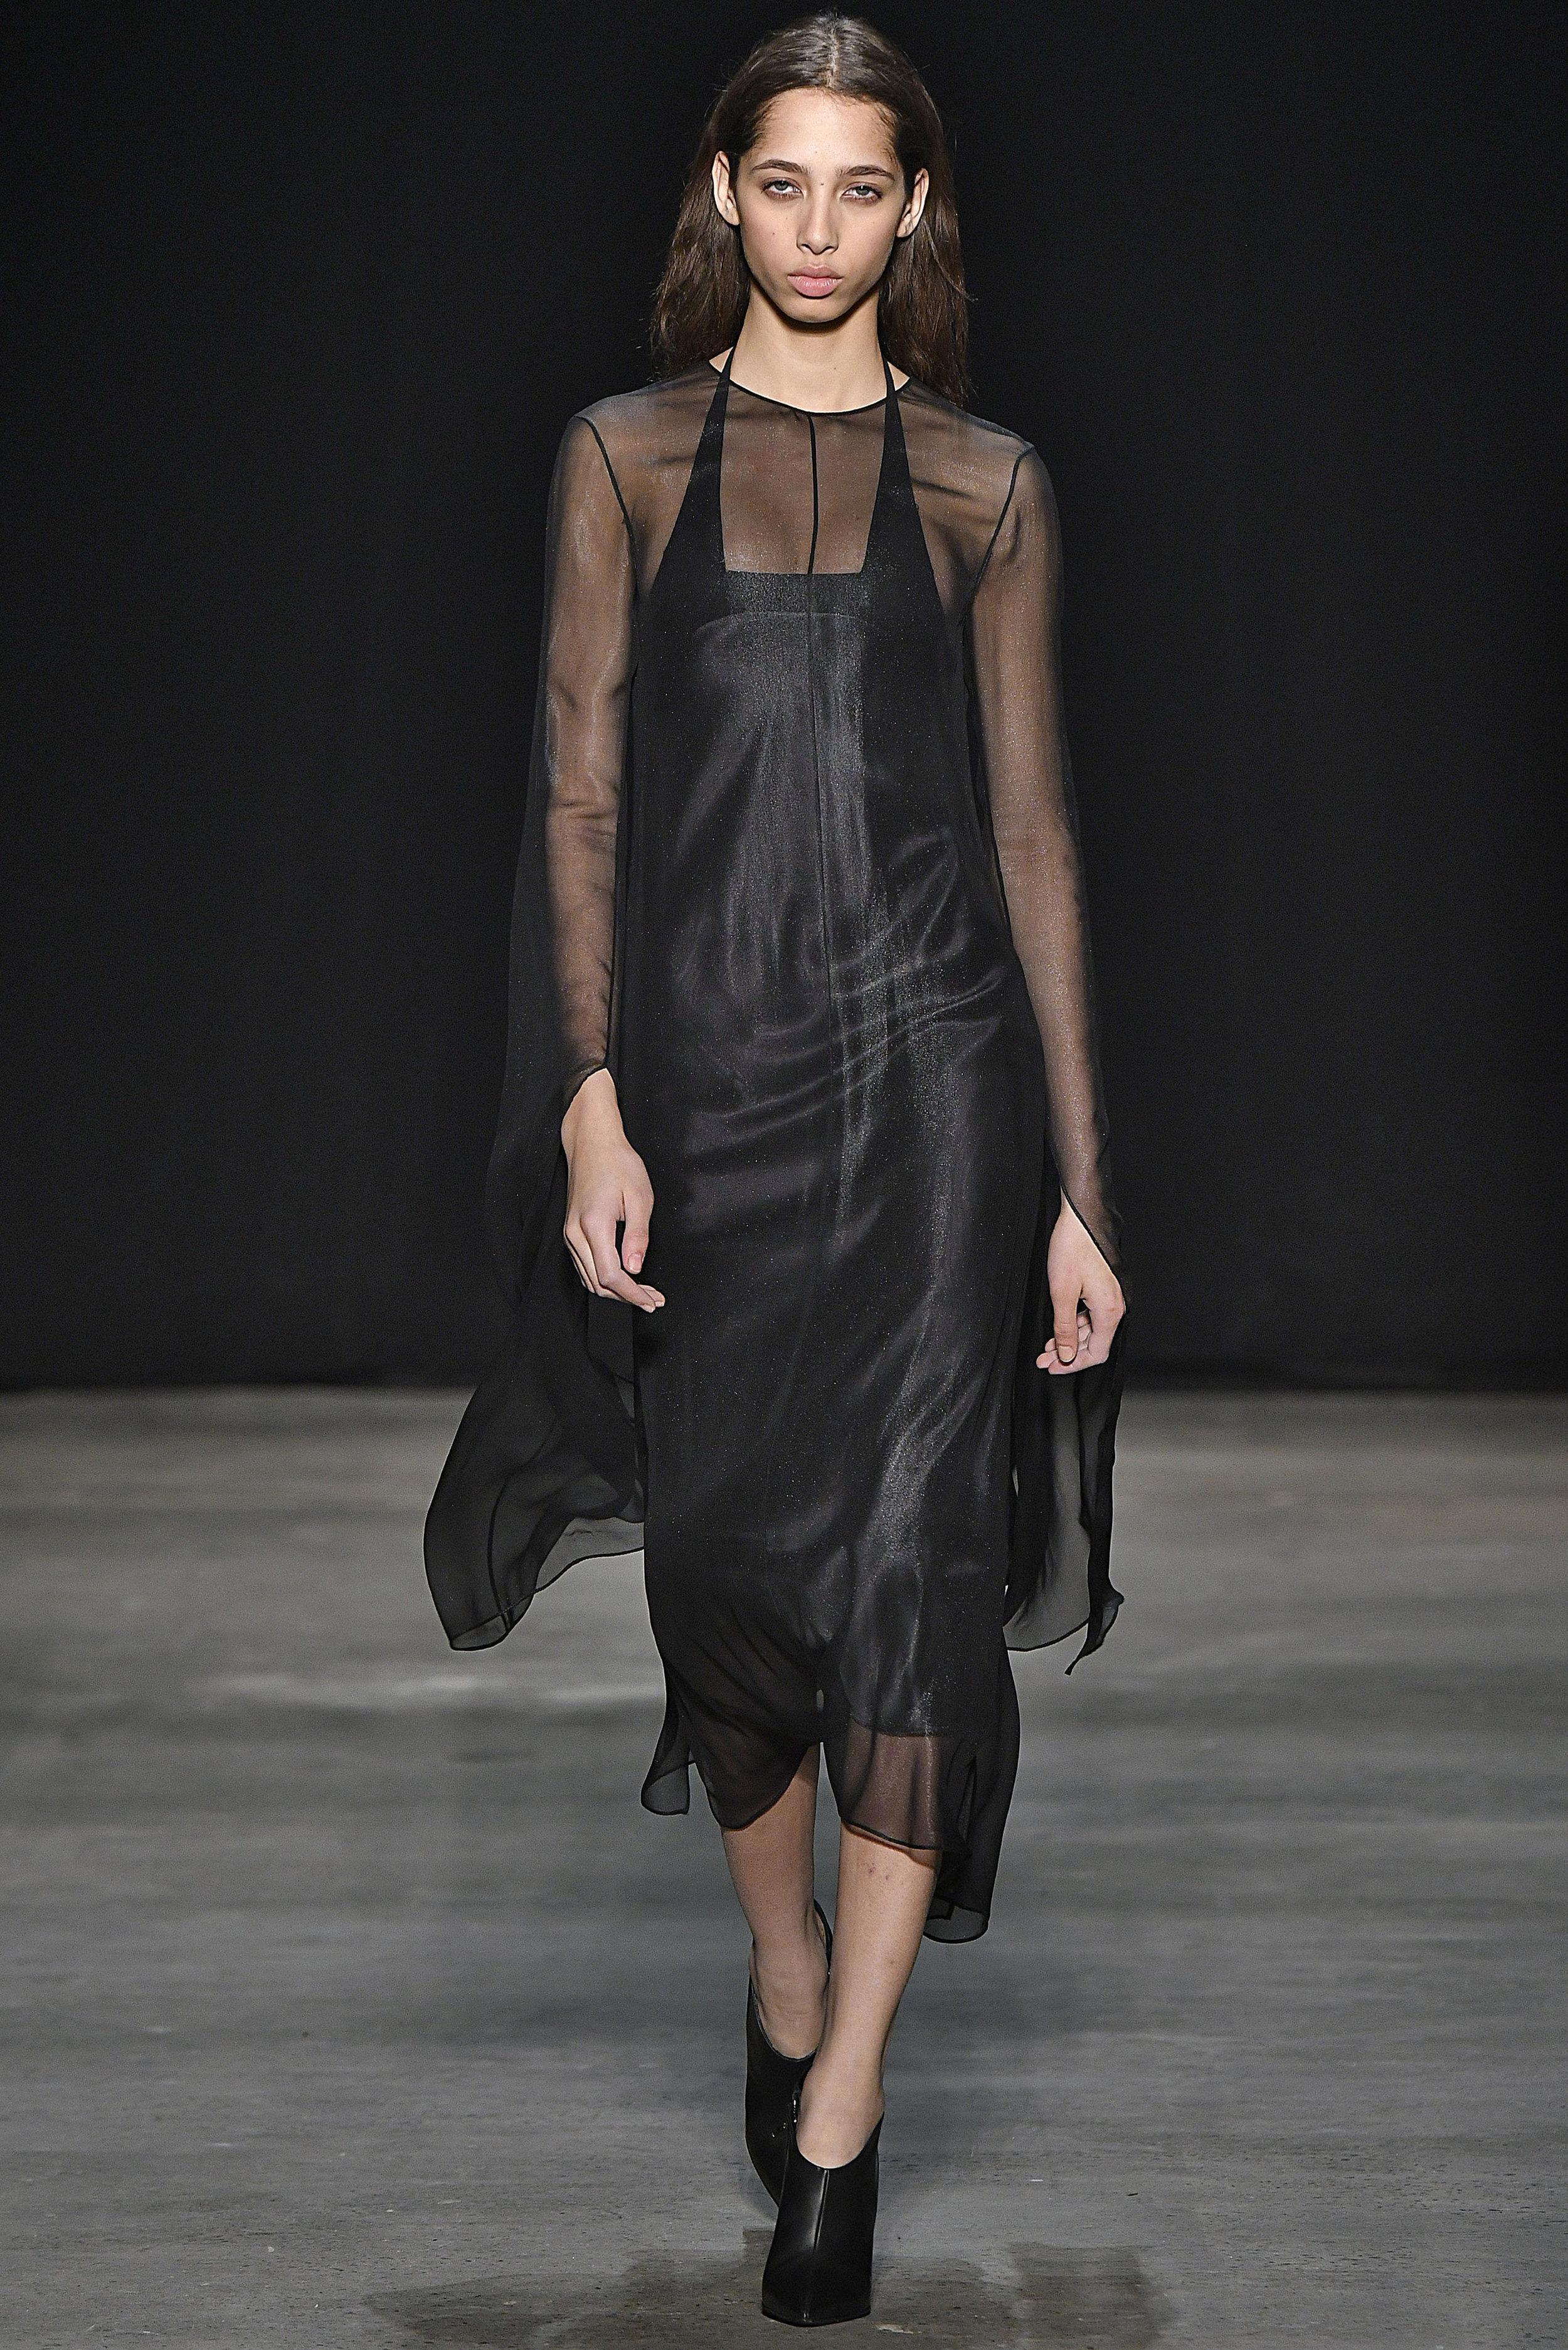 Narciso Rodriguez Fall 2017 collection. Black laminated chiffon dress.